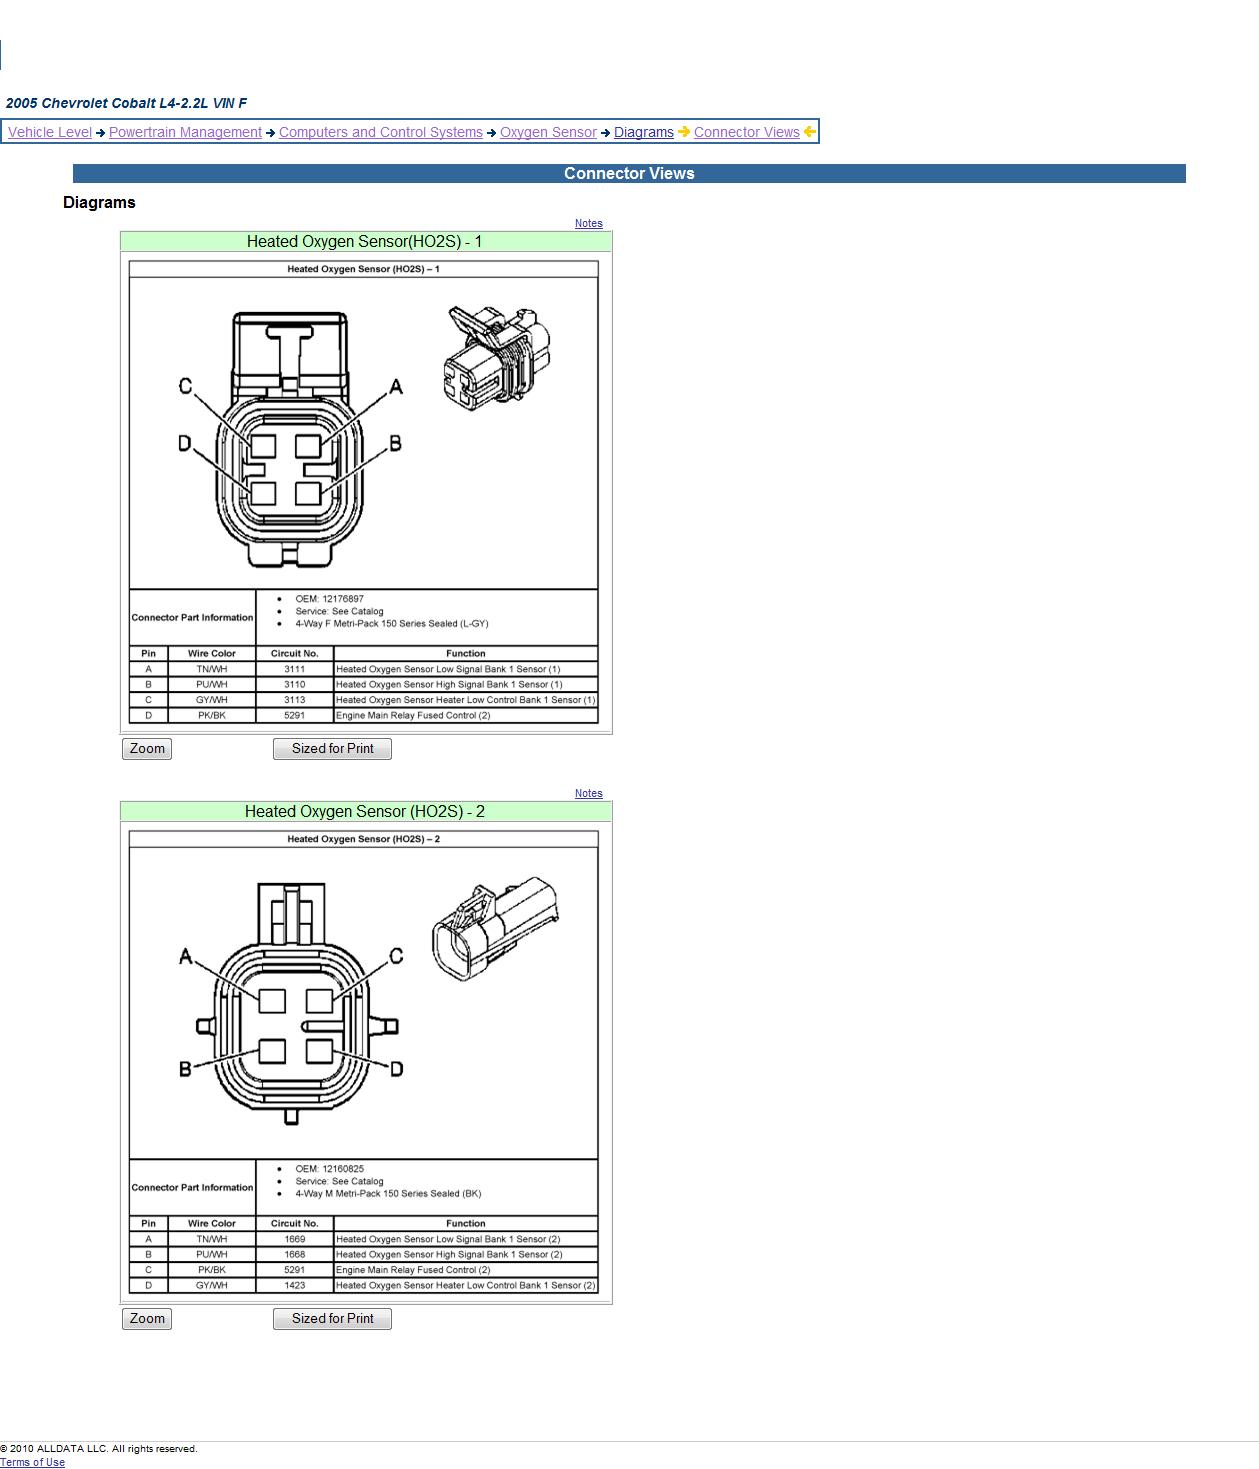 Gm O2 Sensor Wiring Diagram | 2005 Chevrolet Cobalt: Oxygen Sensor - O2 Sensor Wiring Diagram